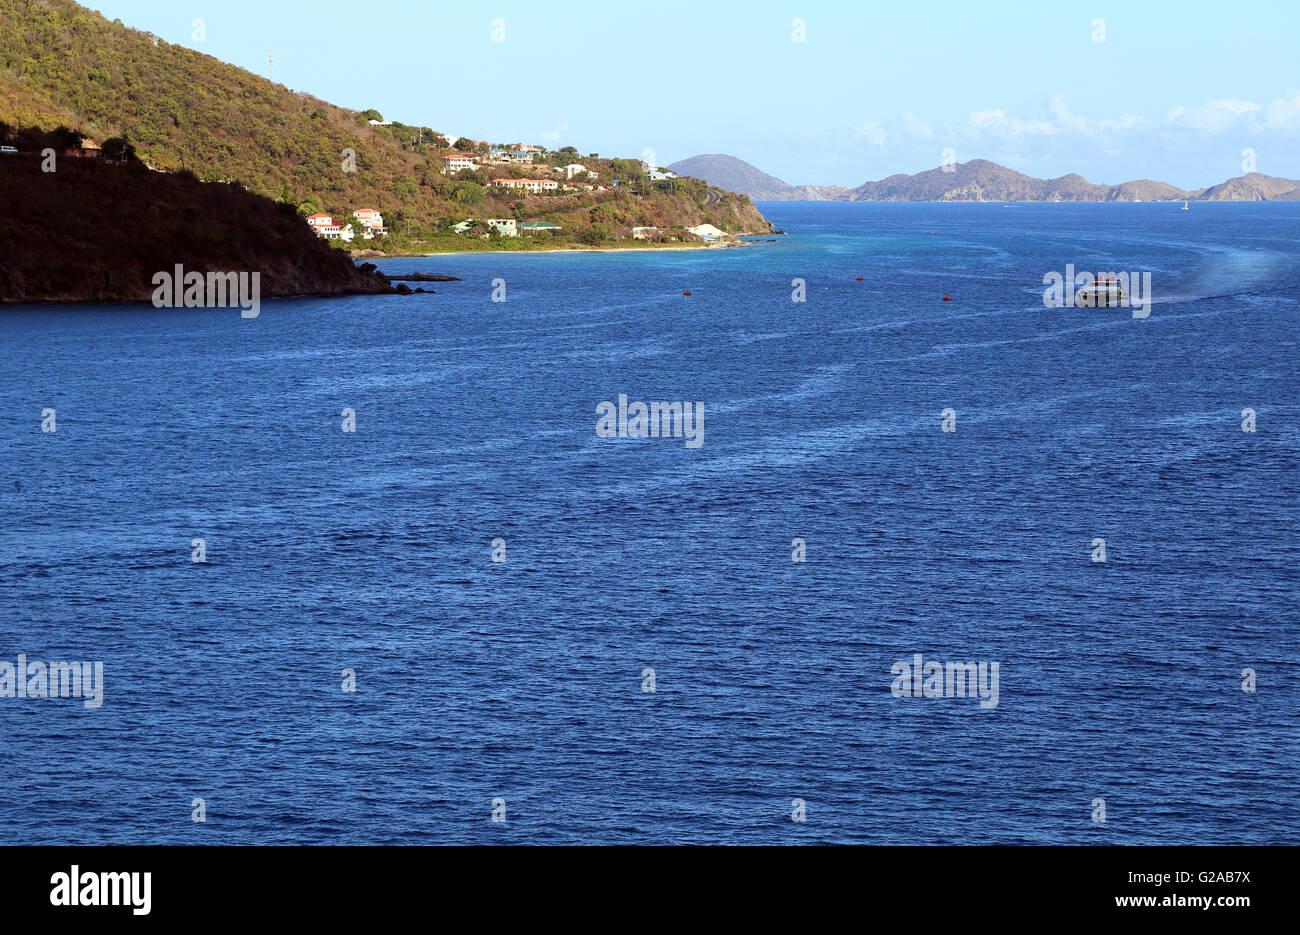 Îles de Îles Vierges britanniques, de Road Town, Tortola, BVI port Caraïbes Banque D'Images